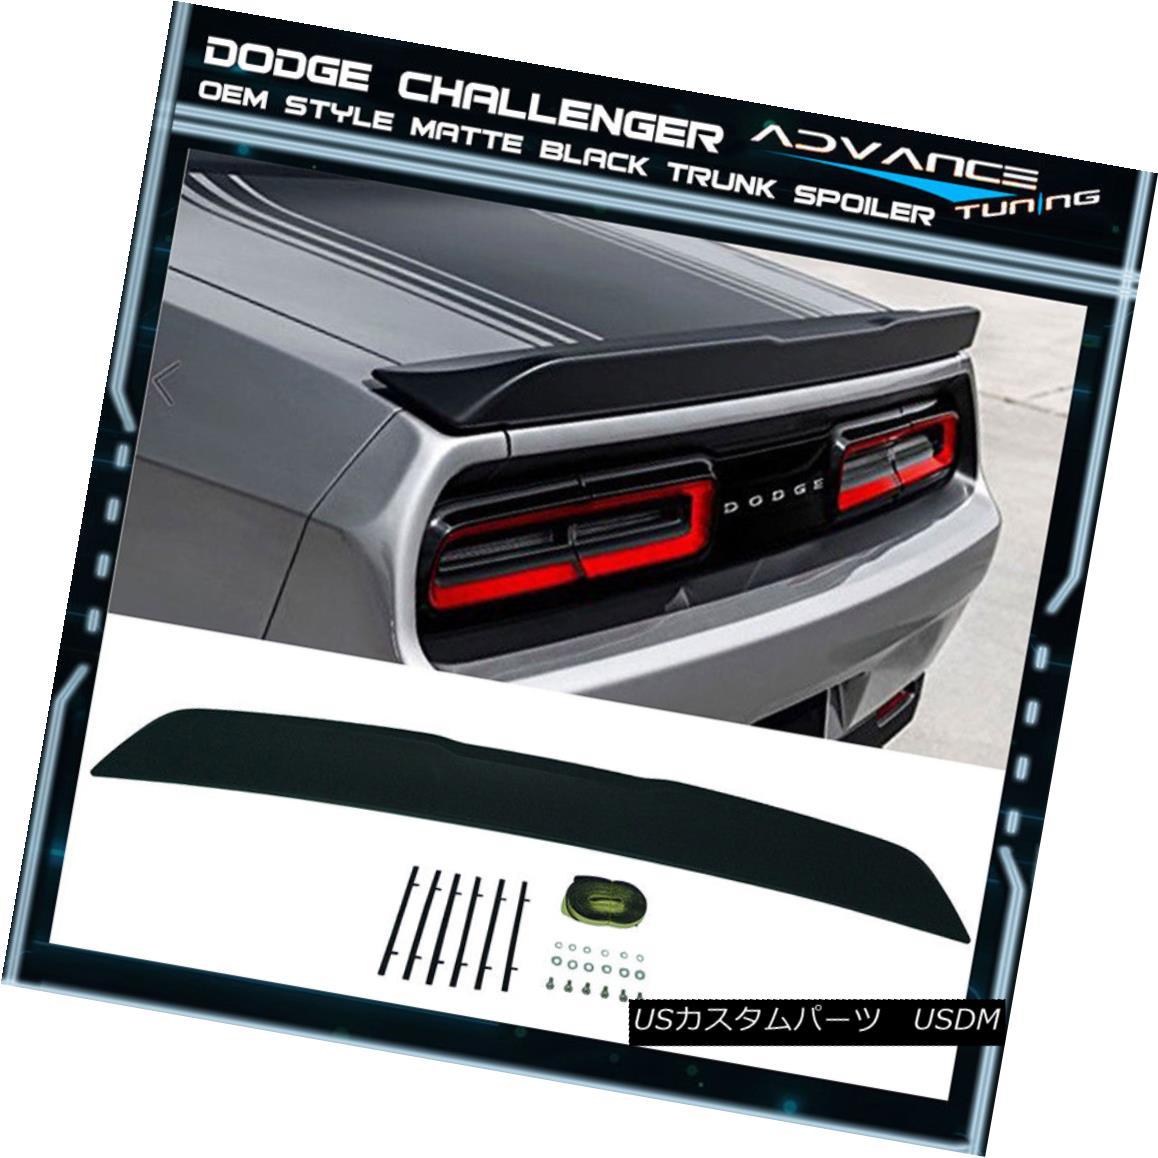 エアロパーツ Fits 15-17 Challenger OE Style No Camera Hole Trunk Spoiler Matte Black - ABS フィット15-17チャレンジャーOEスタイルなしカメラの穴のトランクスポイラーマットブラック - ABS